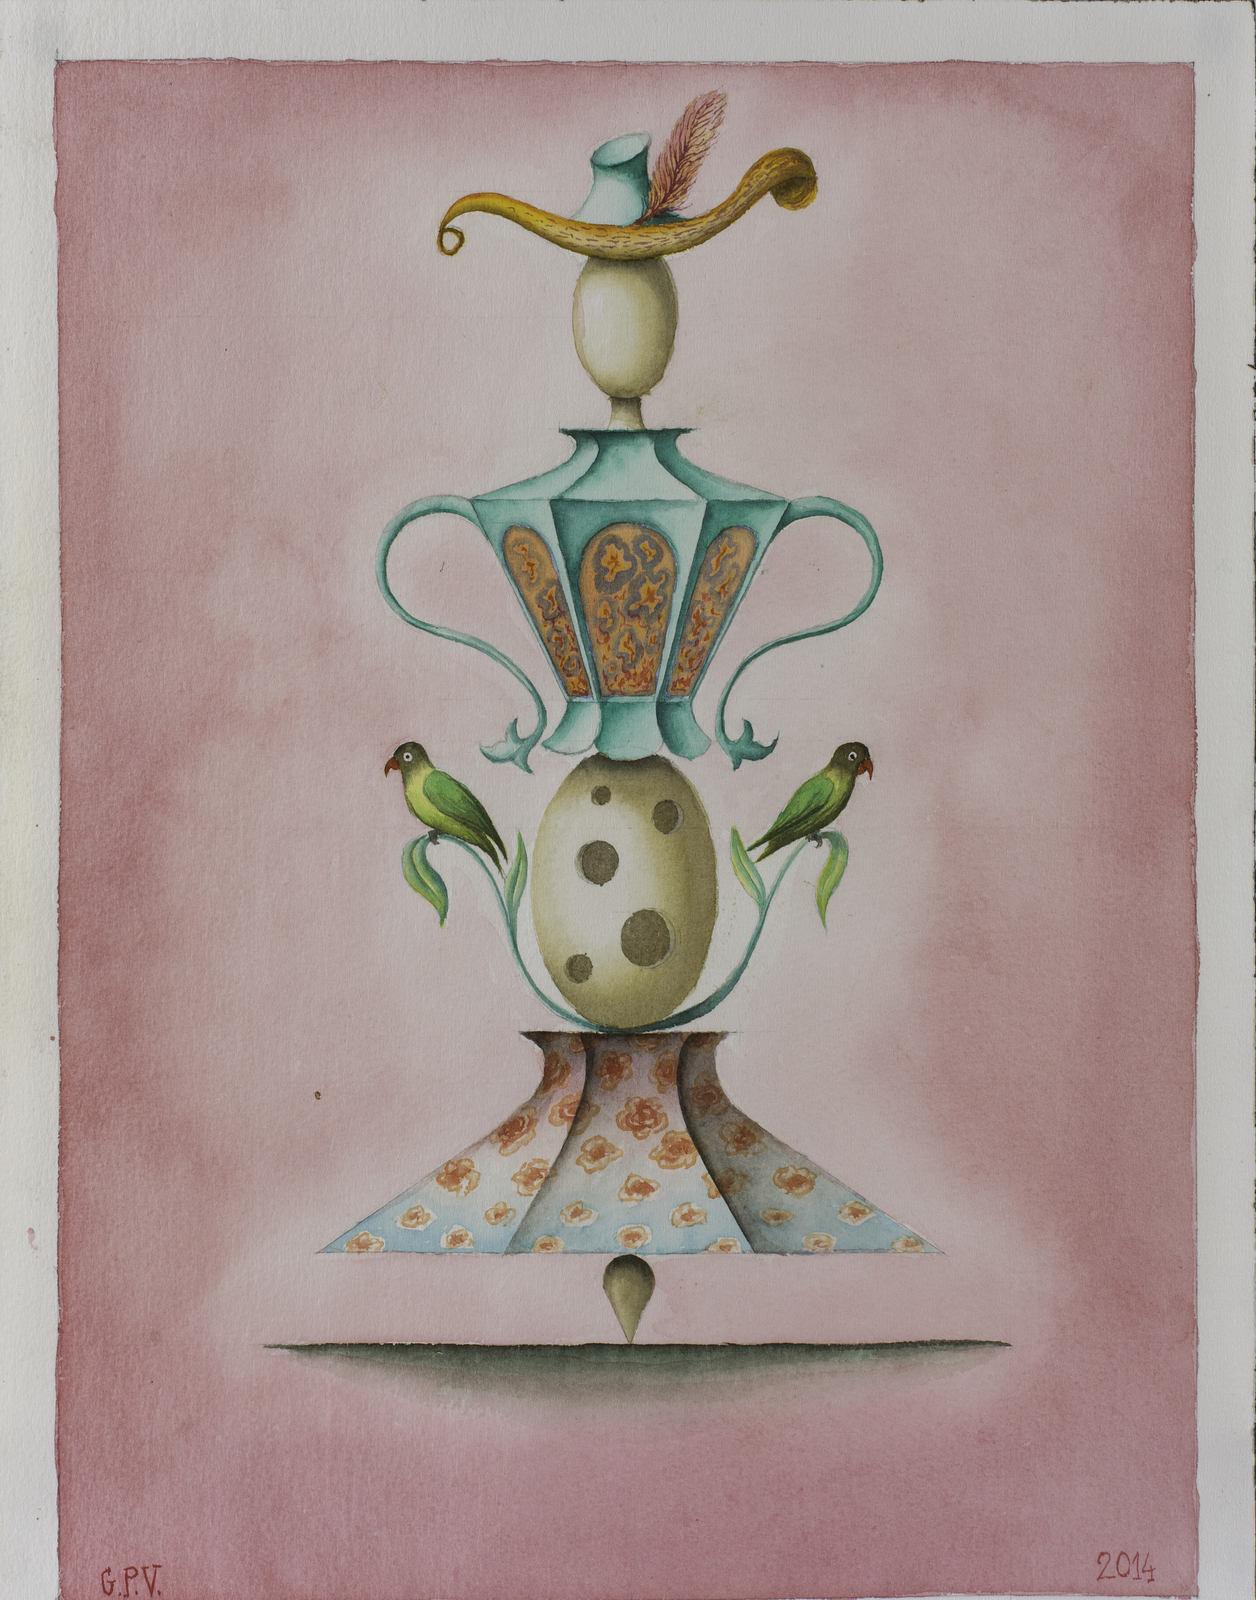 GUPE 6. Sin titulo, 2014, Acuarela, 41 x 31 cm